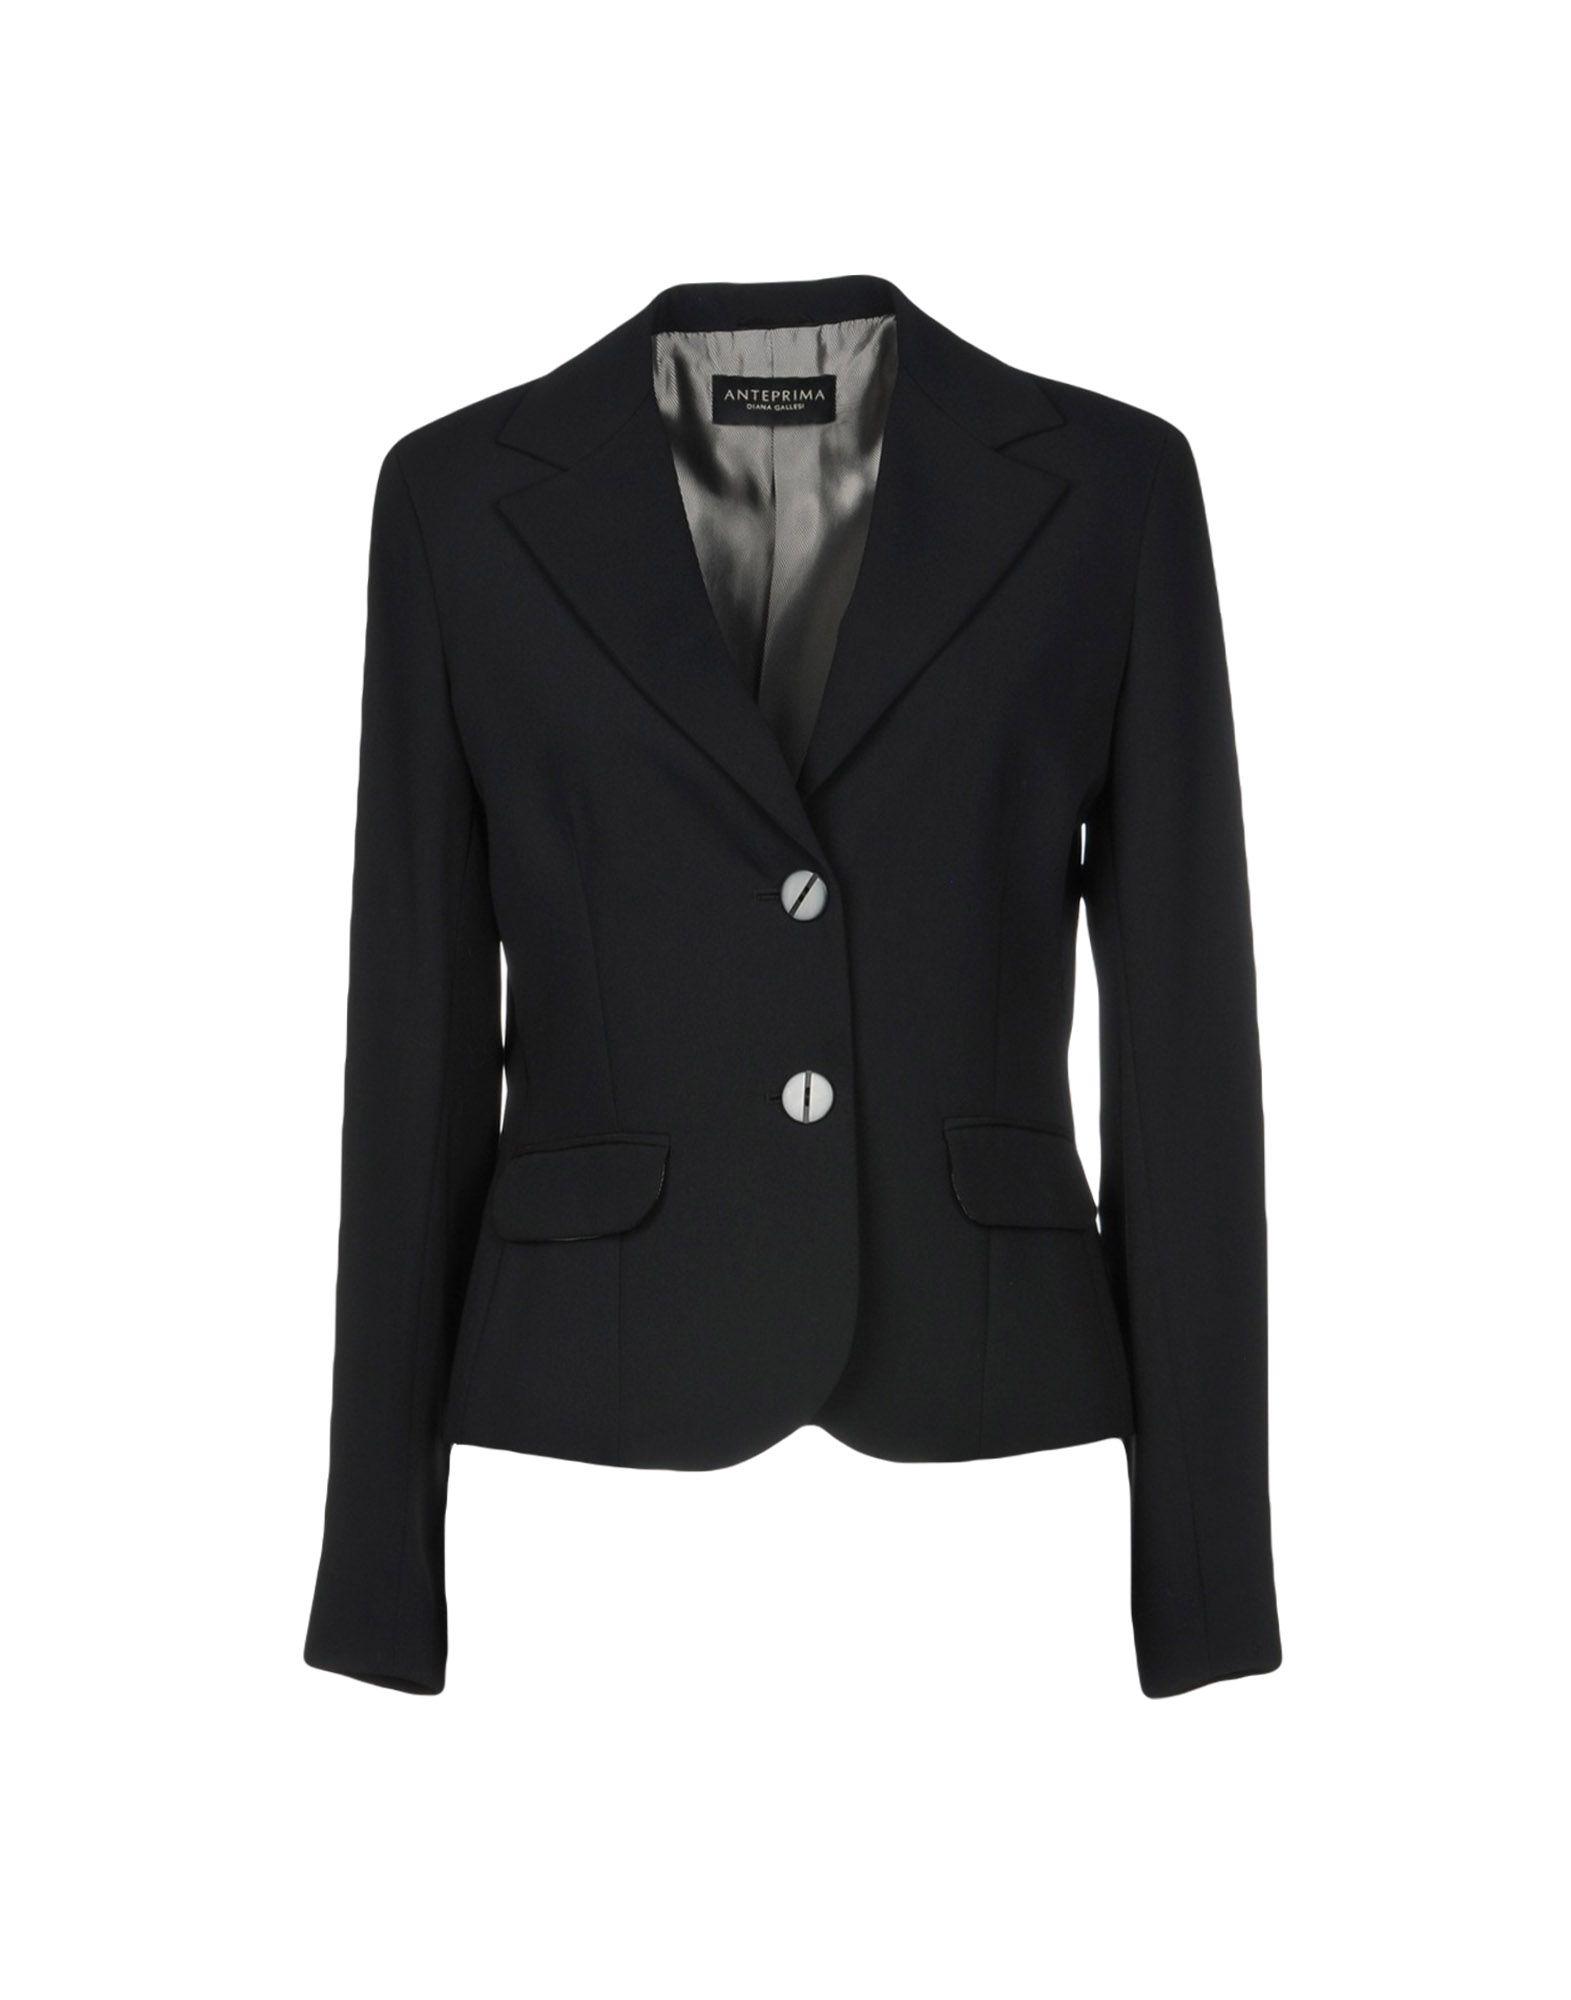 《2万円以上オーダーで送料無料》ANTEPRIMA DIANA GALLESI レディース テーラードジャケット ブラック 40 ポリエステル 100%